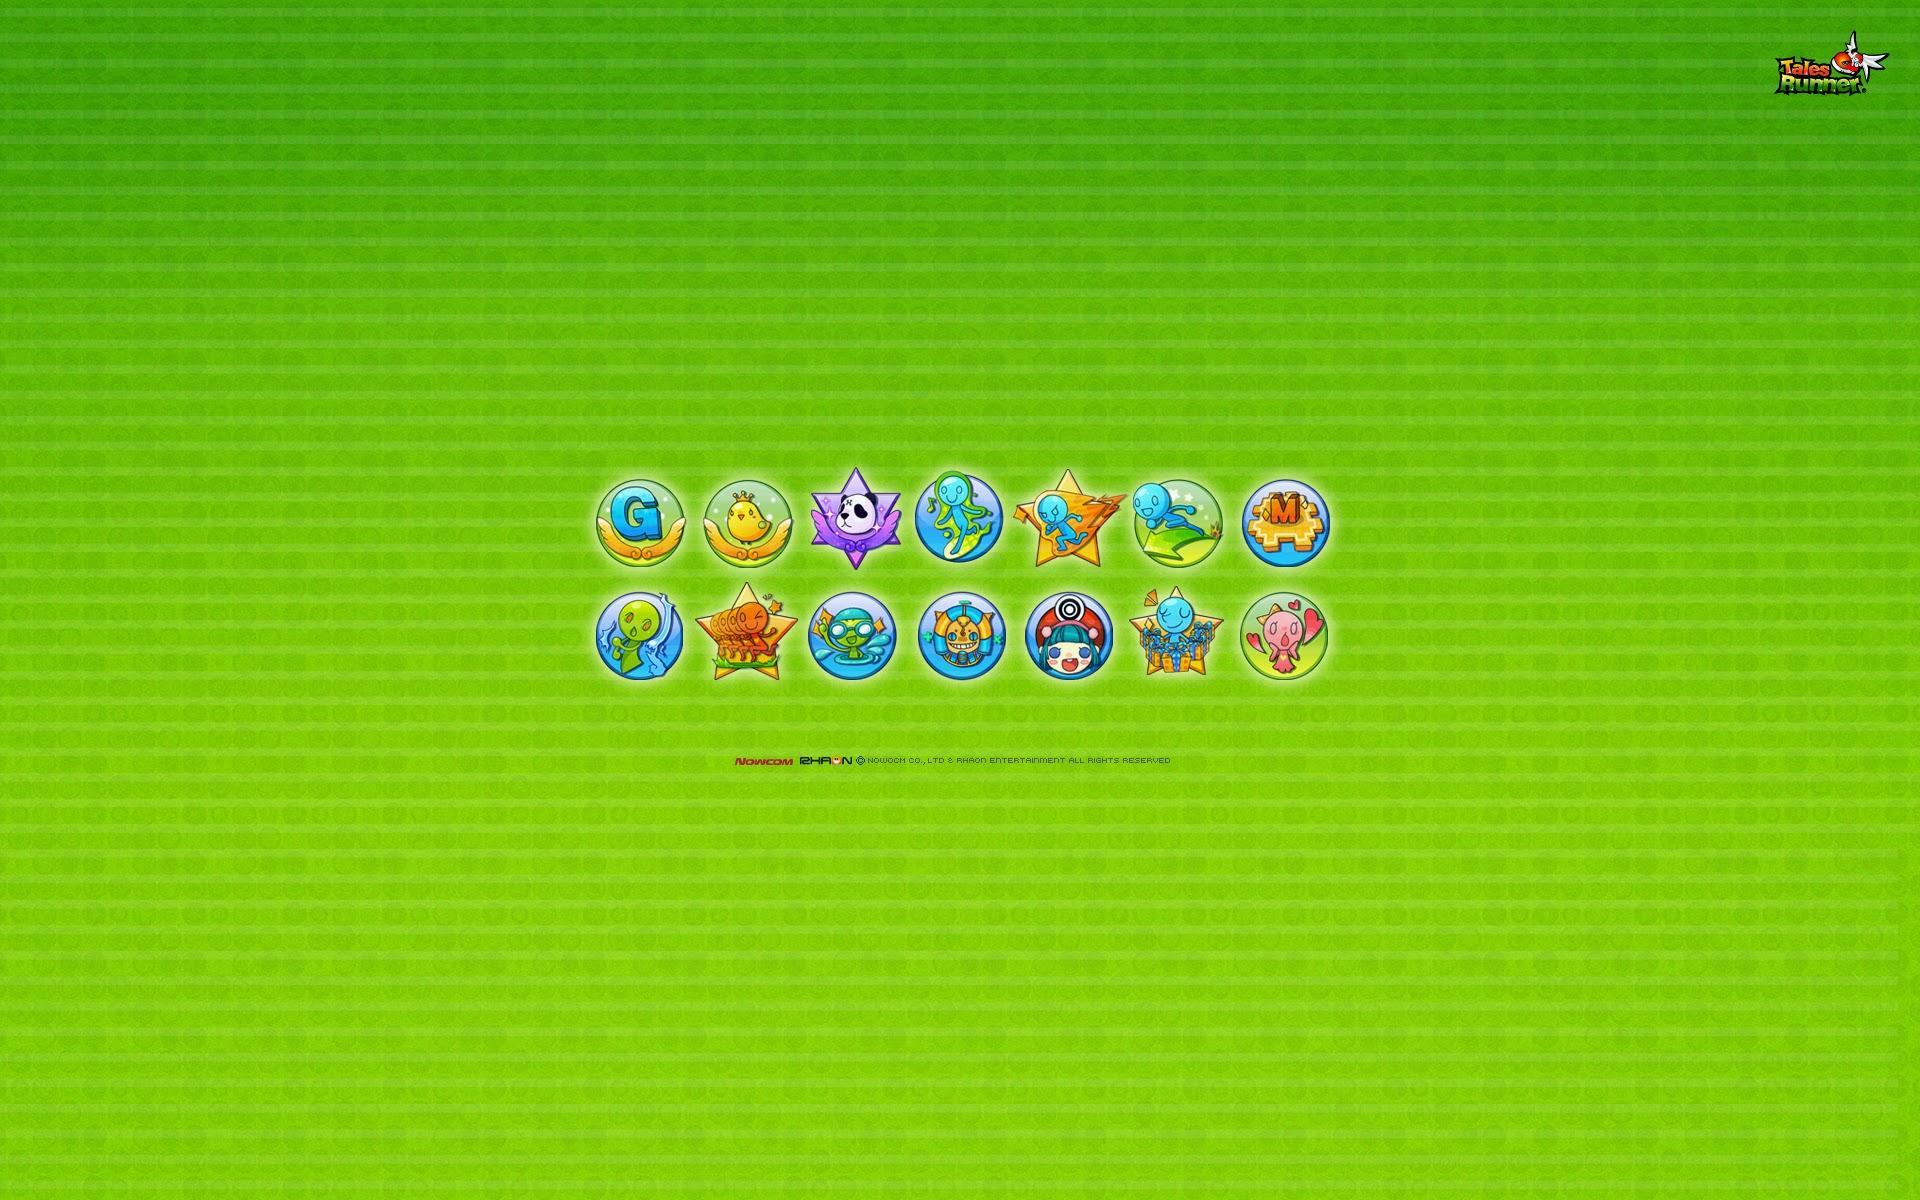 Ngắm hình nền dễ thương của GoGoRun Bắc Mỹ - Ảnh 3